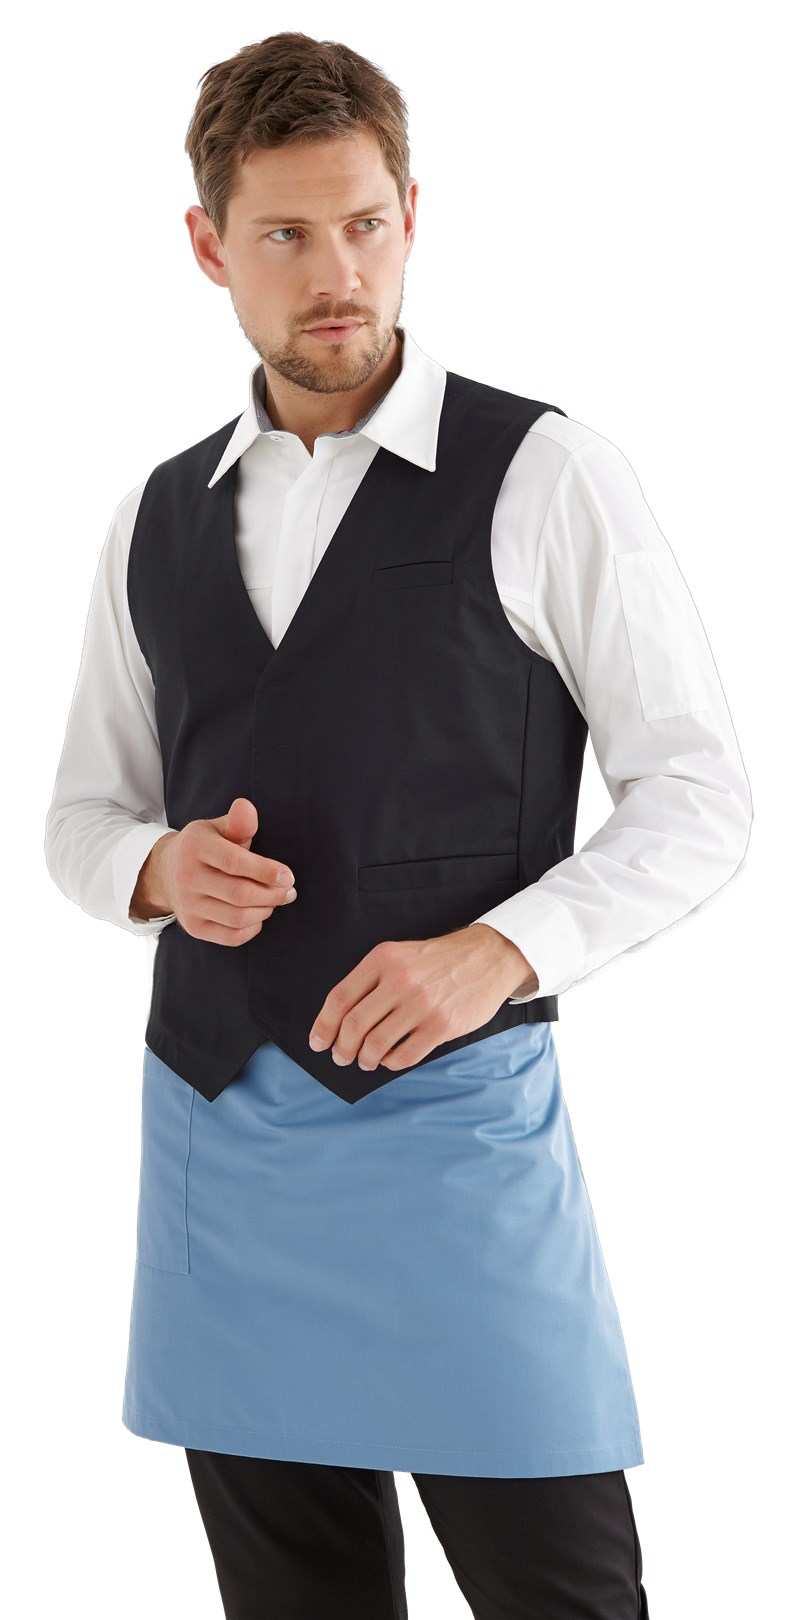 heren vest zwart kelner/bediening